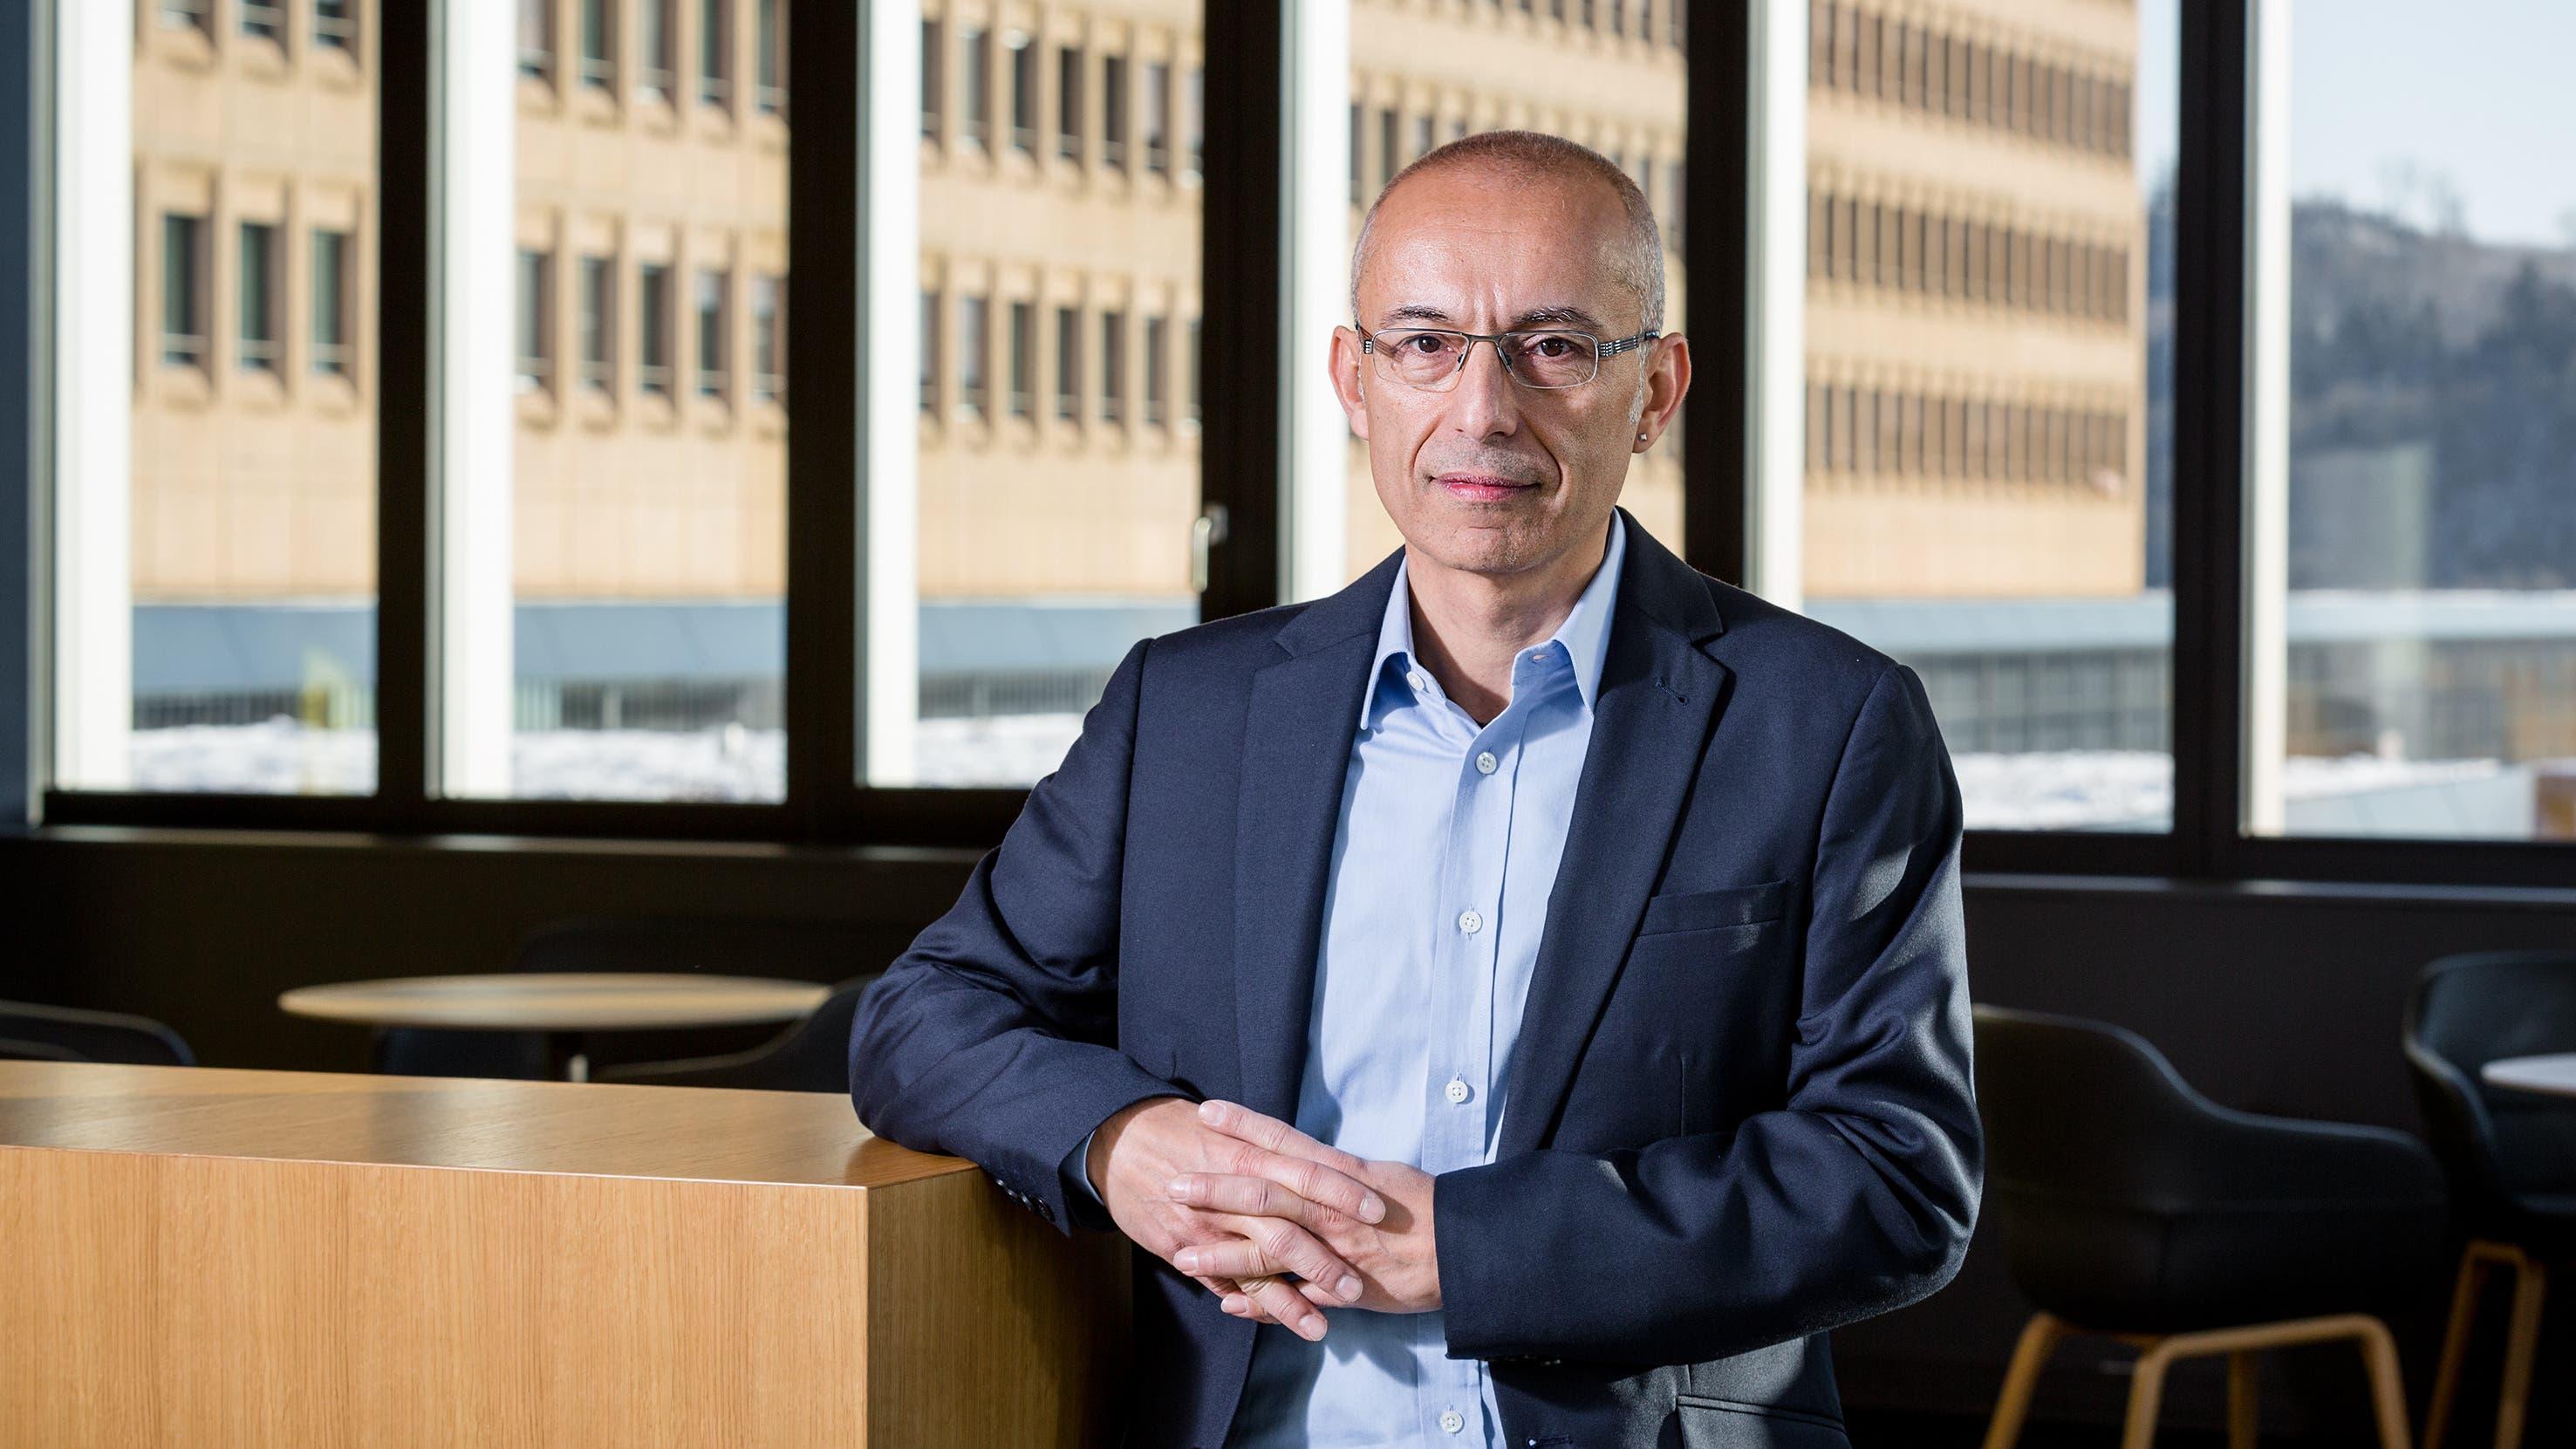 Marco Bellafiore